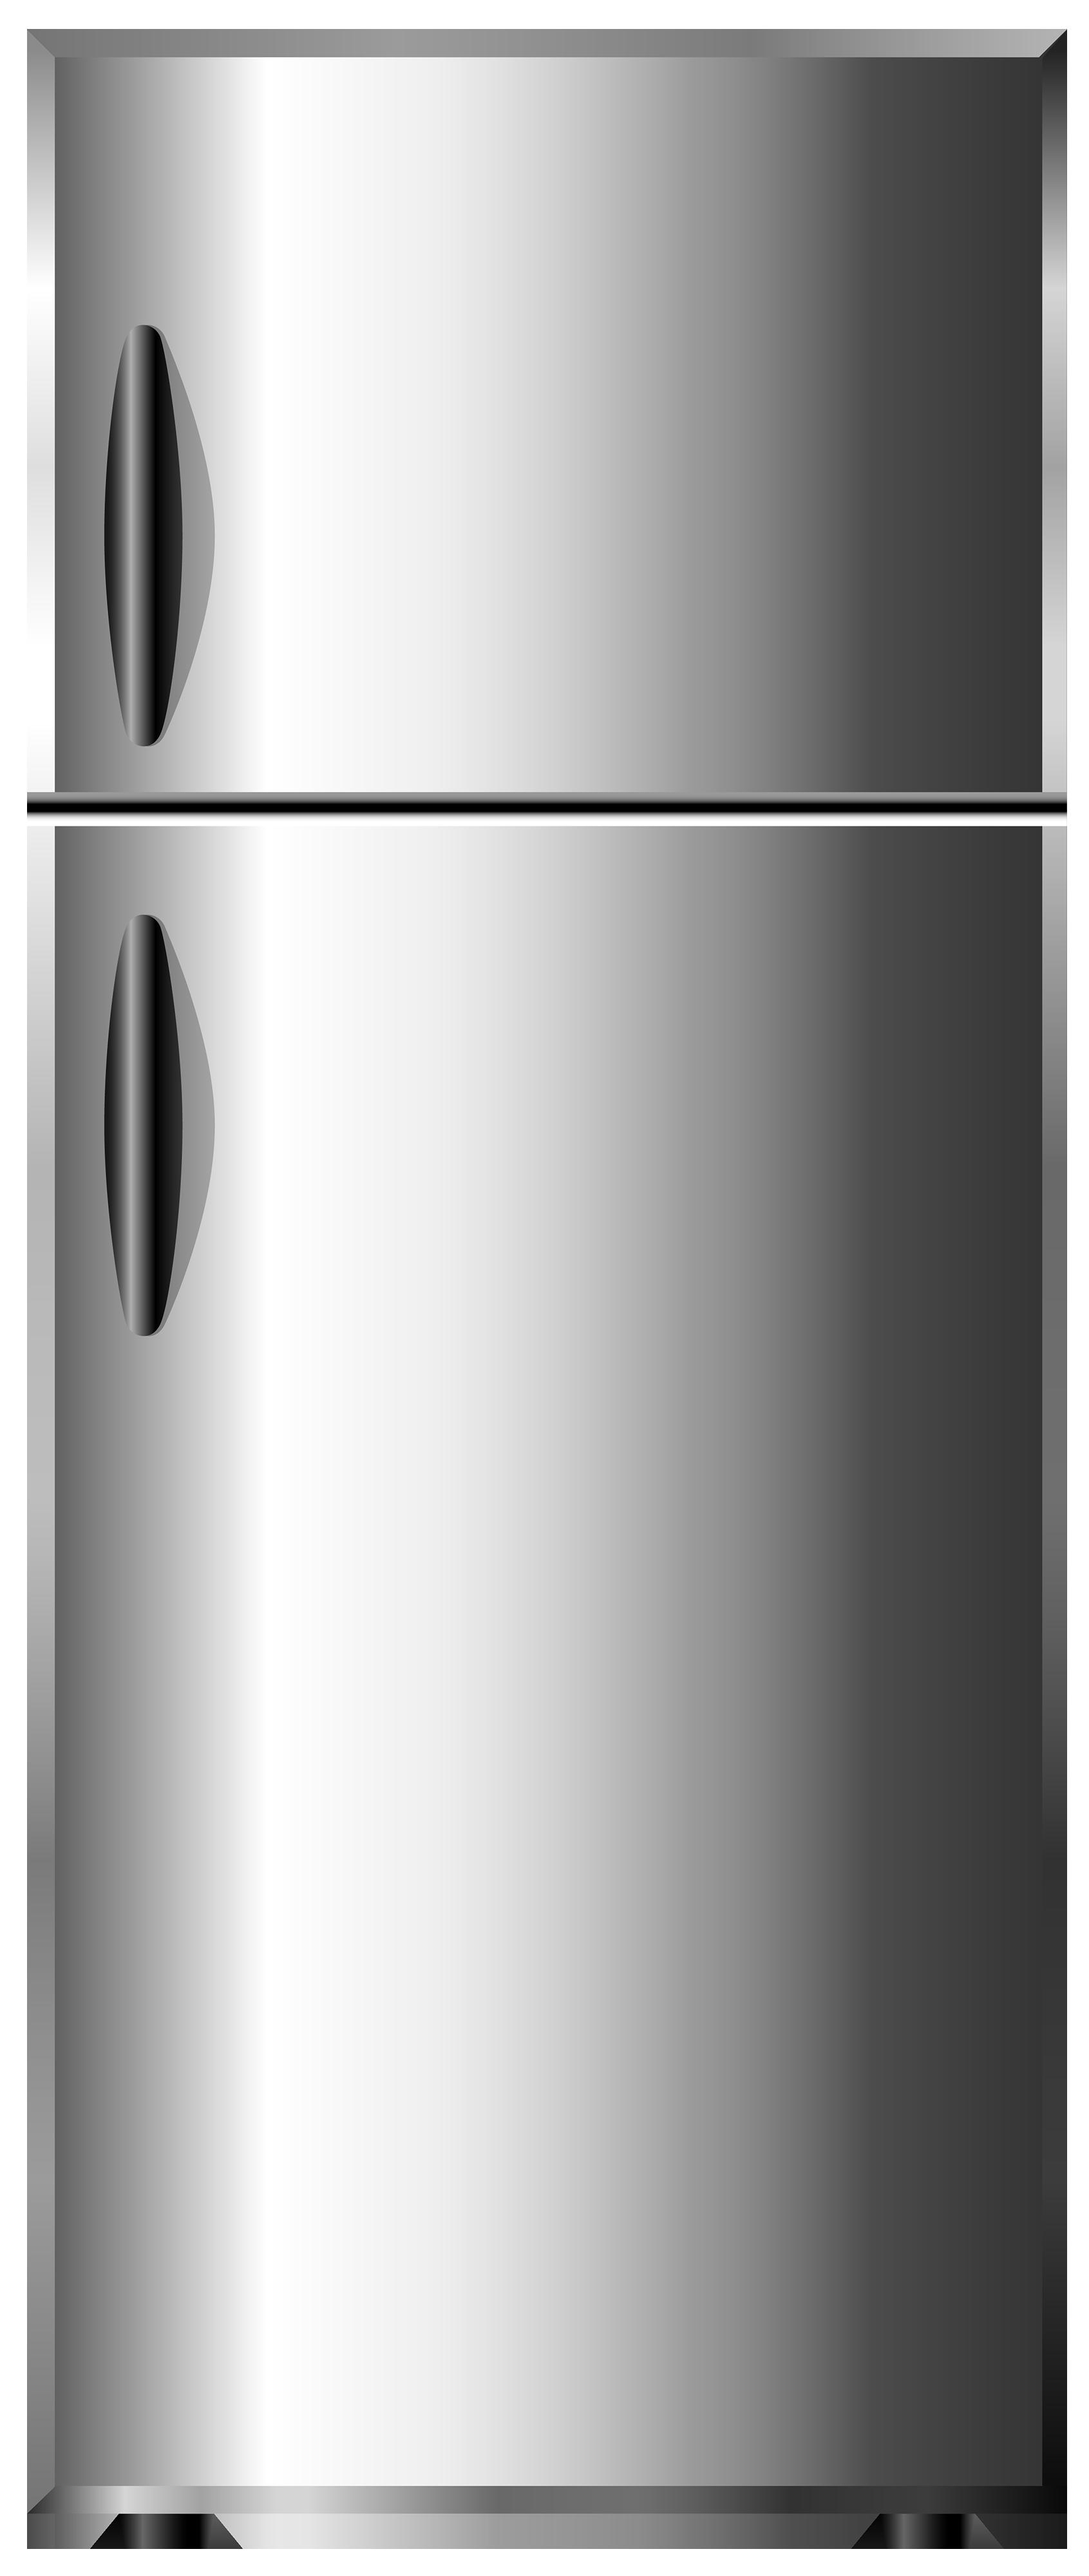 Fridge Transparent PNG Refrigerator Images Free Download.